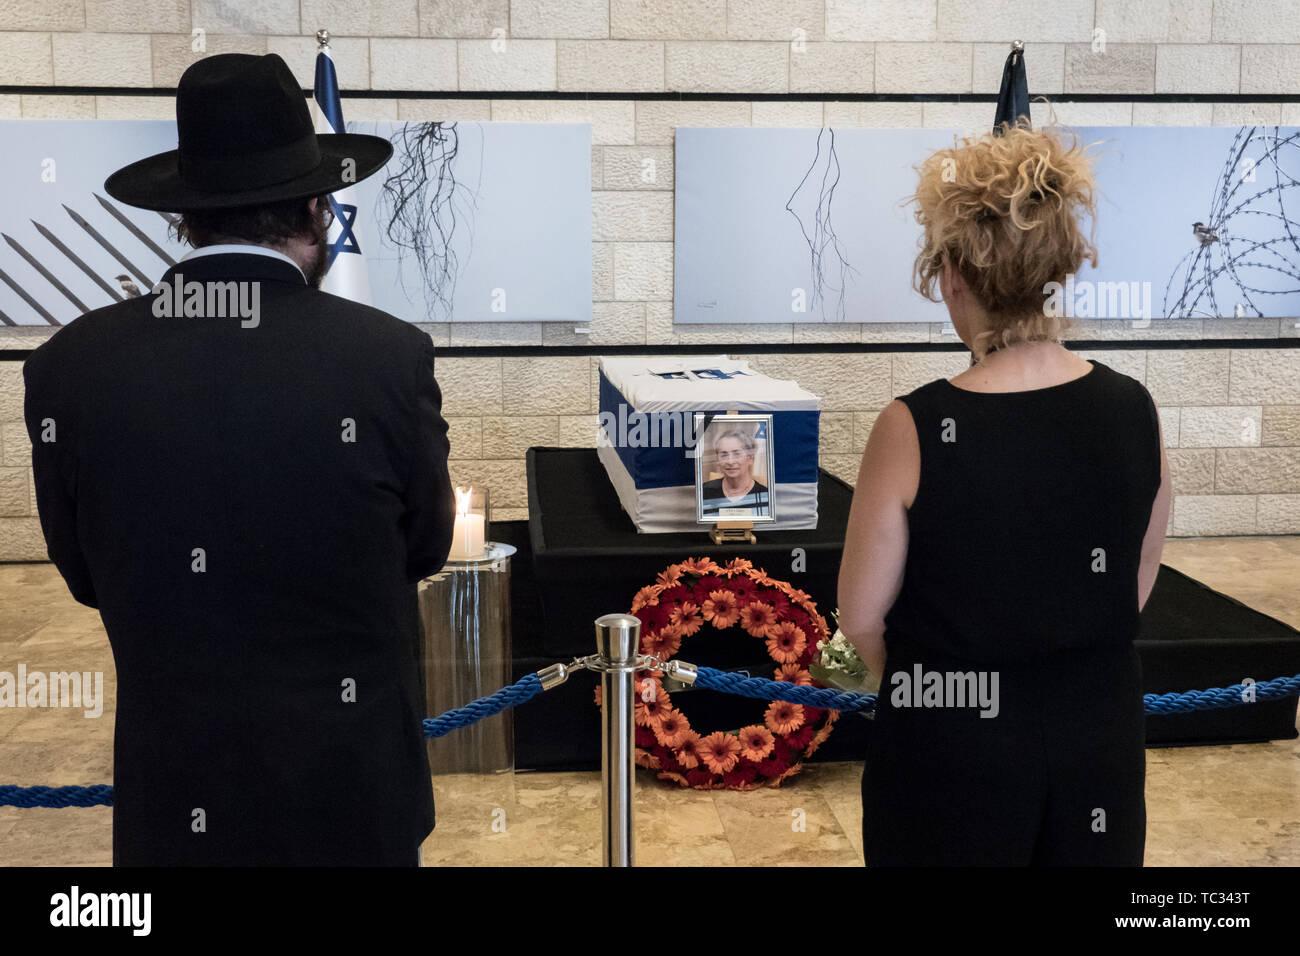 Jérusalem, Israël. 5 juin, 2019. La première dame d'Israël Nechama Rivlin, épouse du Président Reuven Rivlin, réside dans l'Etat au Théâtre de Jérusalem que le public paie un dernier hommage à une femme très aimée et respectée. Rivlin est décédé à l'âge de 73 ans après avoir combattu avec une maladie respiratoire depuis des années et l'objet d'une transplantation pulmonaire en mars 2019. Rivlin sera enterré dans le carré des leaders de la Nation de parcelle à Mt. Cimetière de Herzl à Jérusalem. Credit: Alon Nir/Alamy Live News. Photo Stock